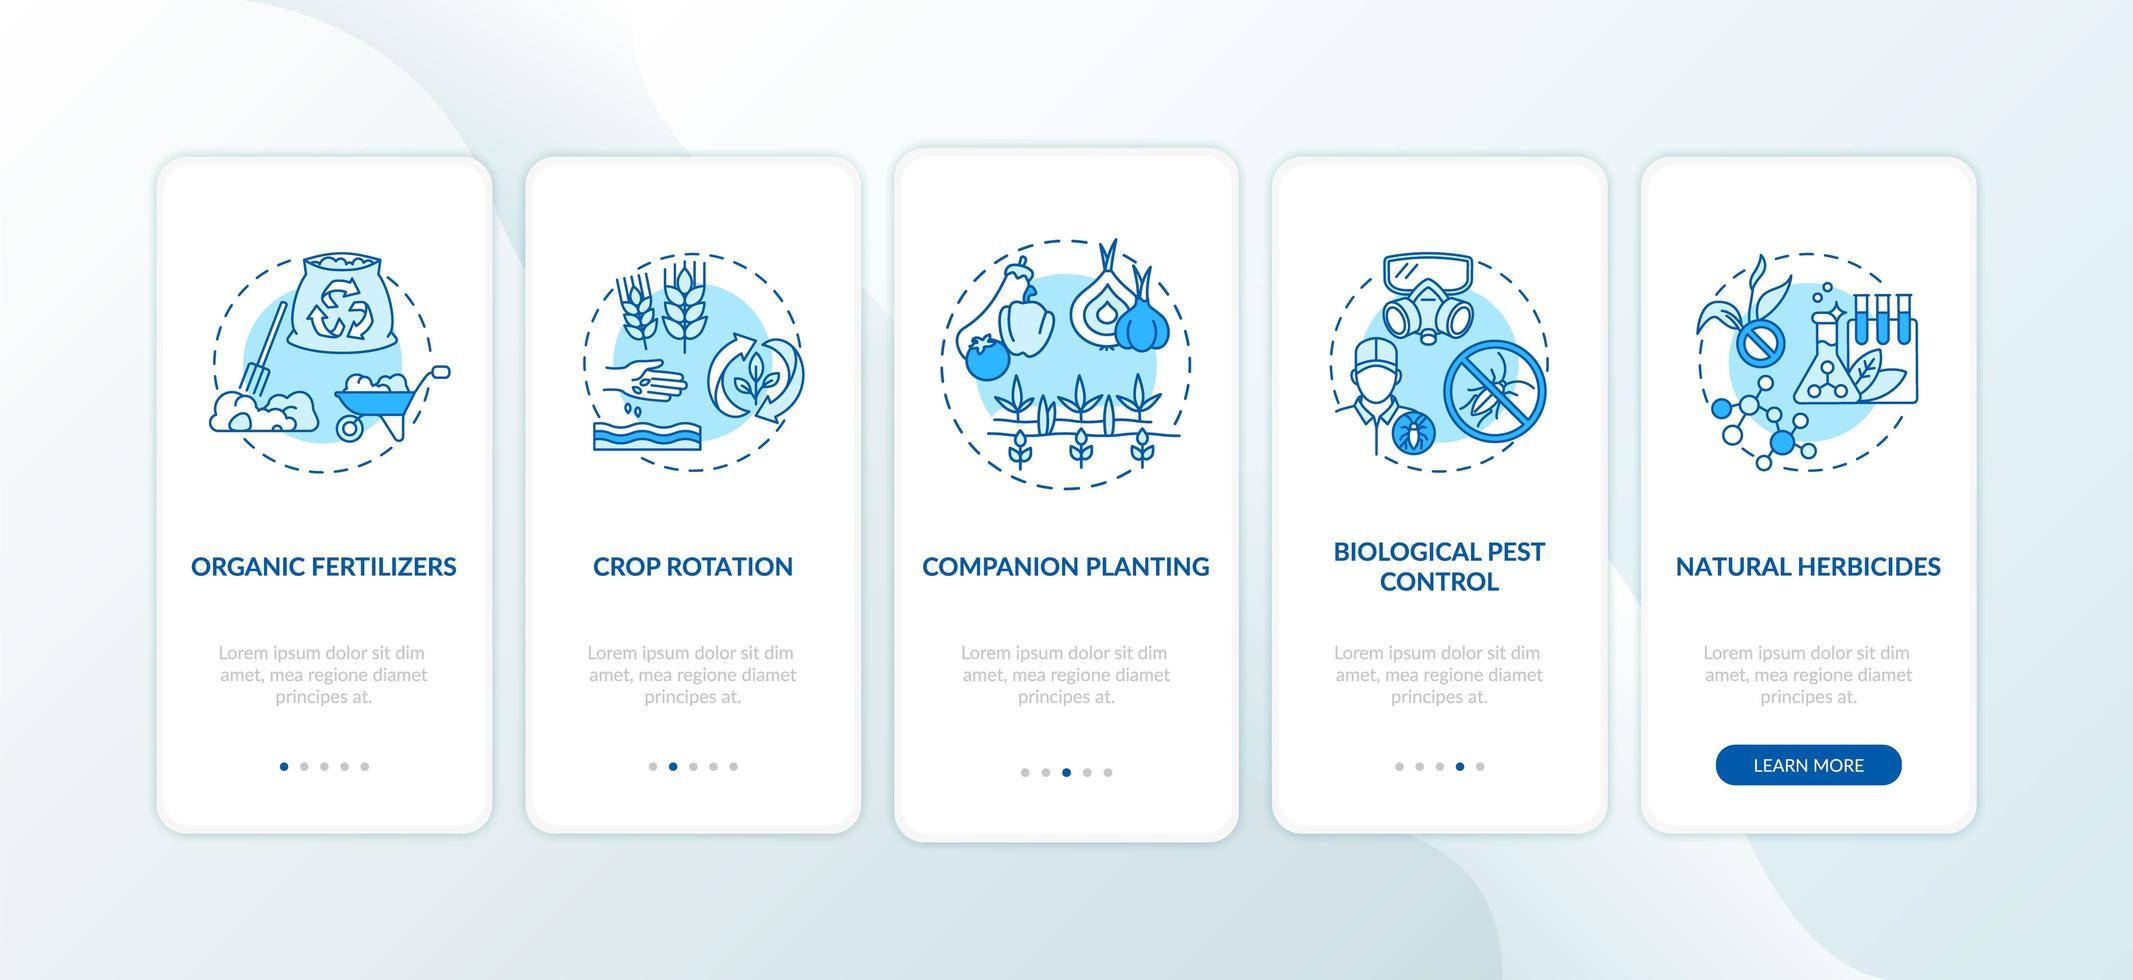 Principios de agricultura orgánica incorporación de la pantalla de la página de la aplicación móvil con conceptos vector